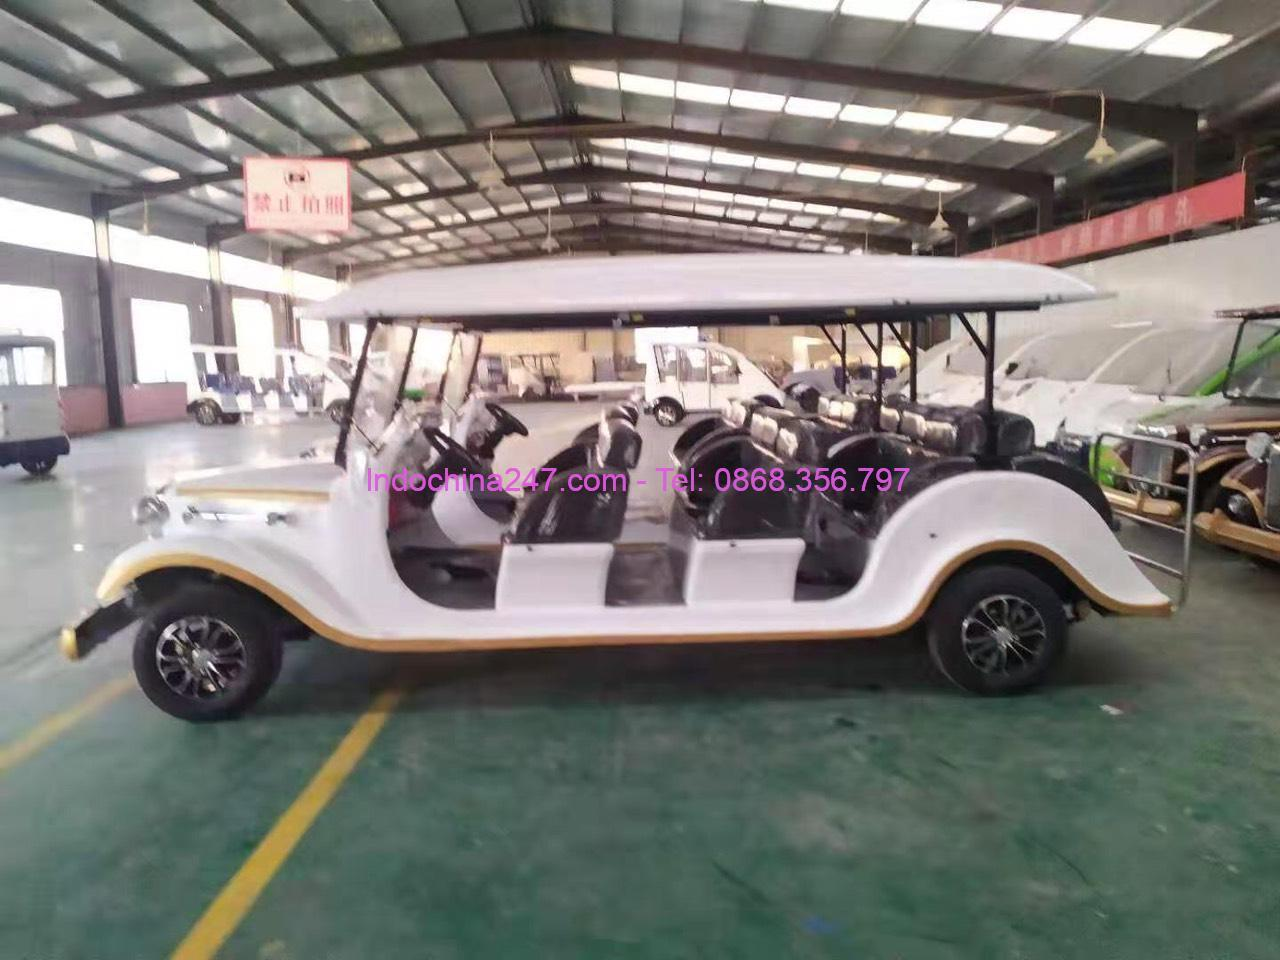 Vận chuyển và nhập khẩu xe điện từ Trung Quốc chuyên nghiệp